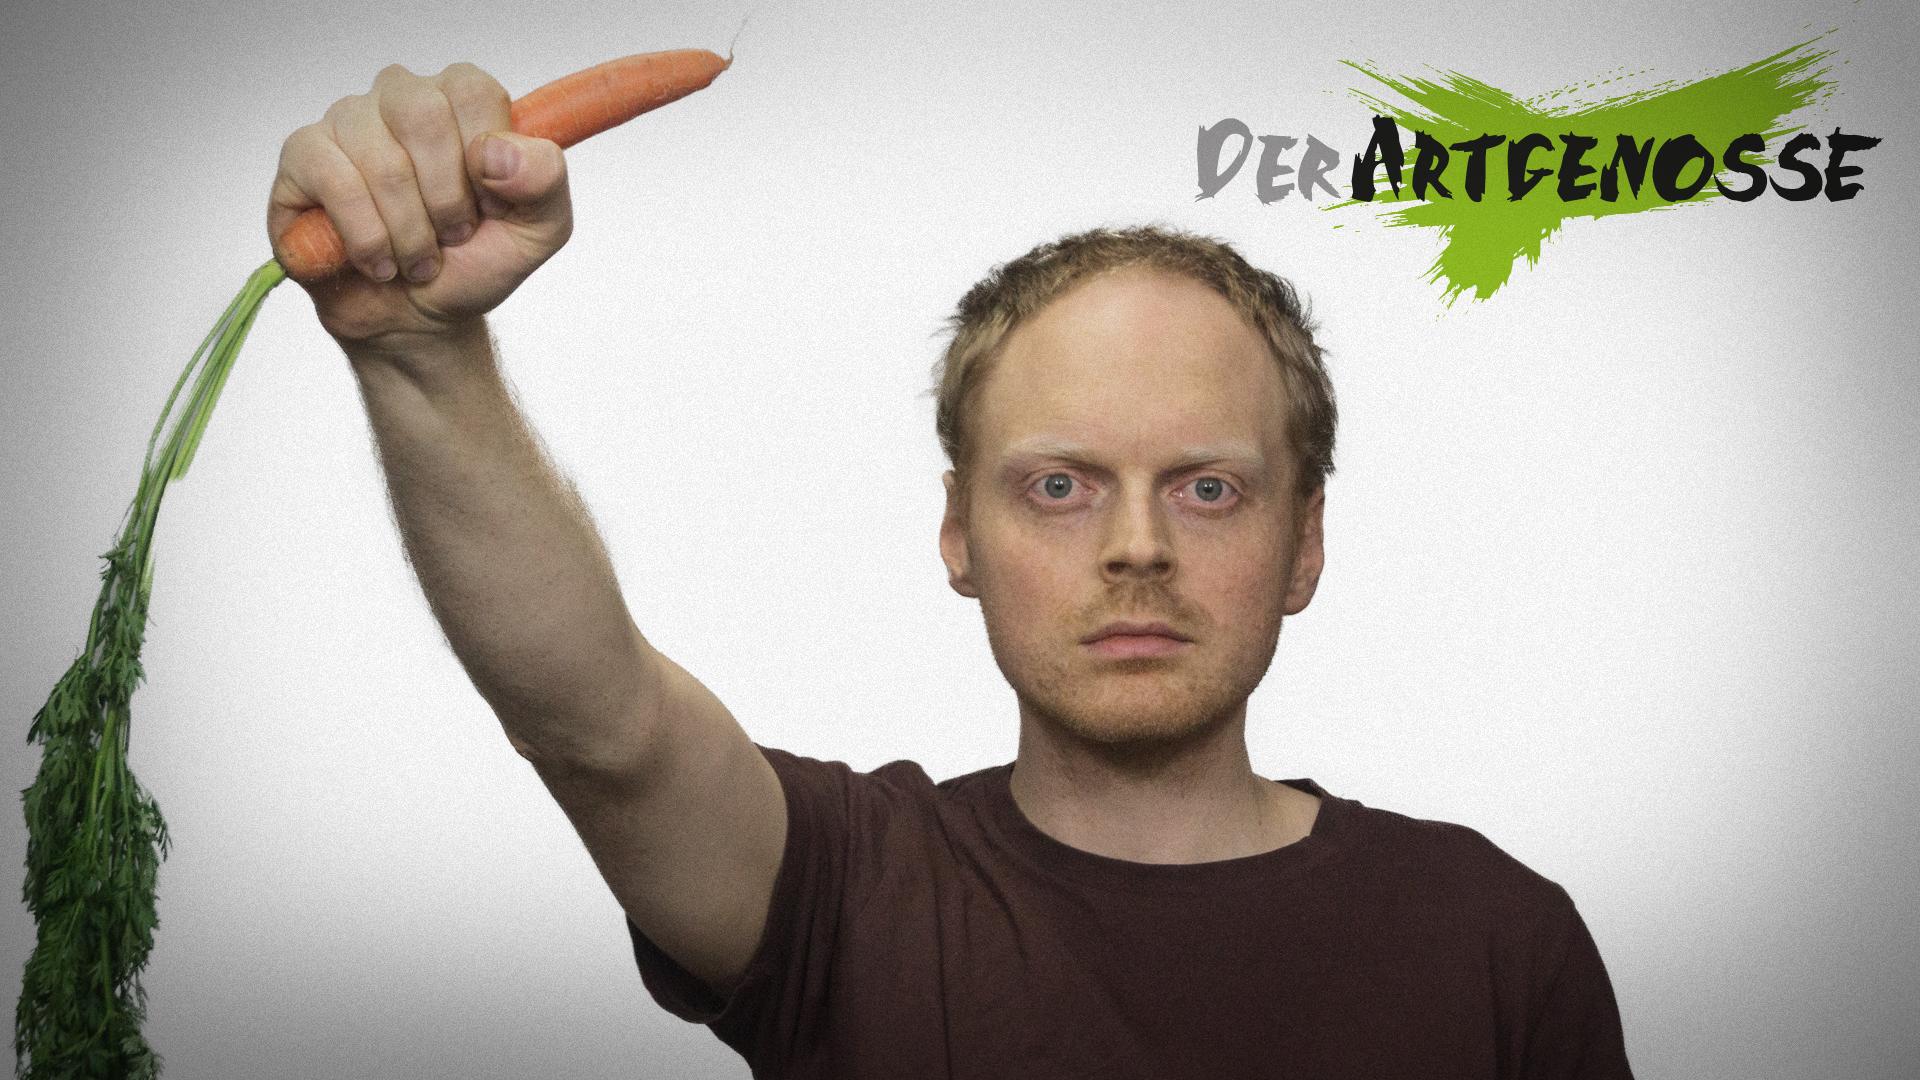 Veganer sind radikal